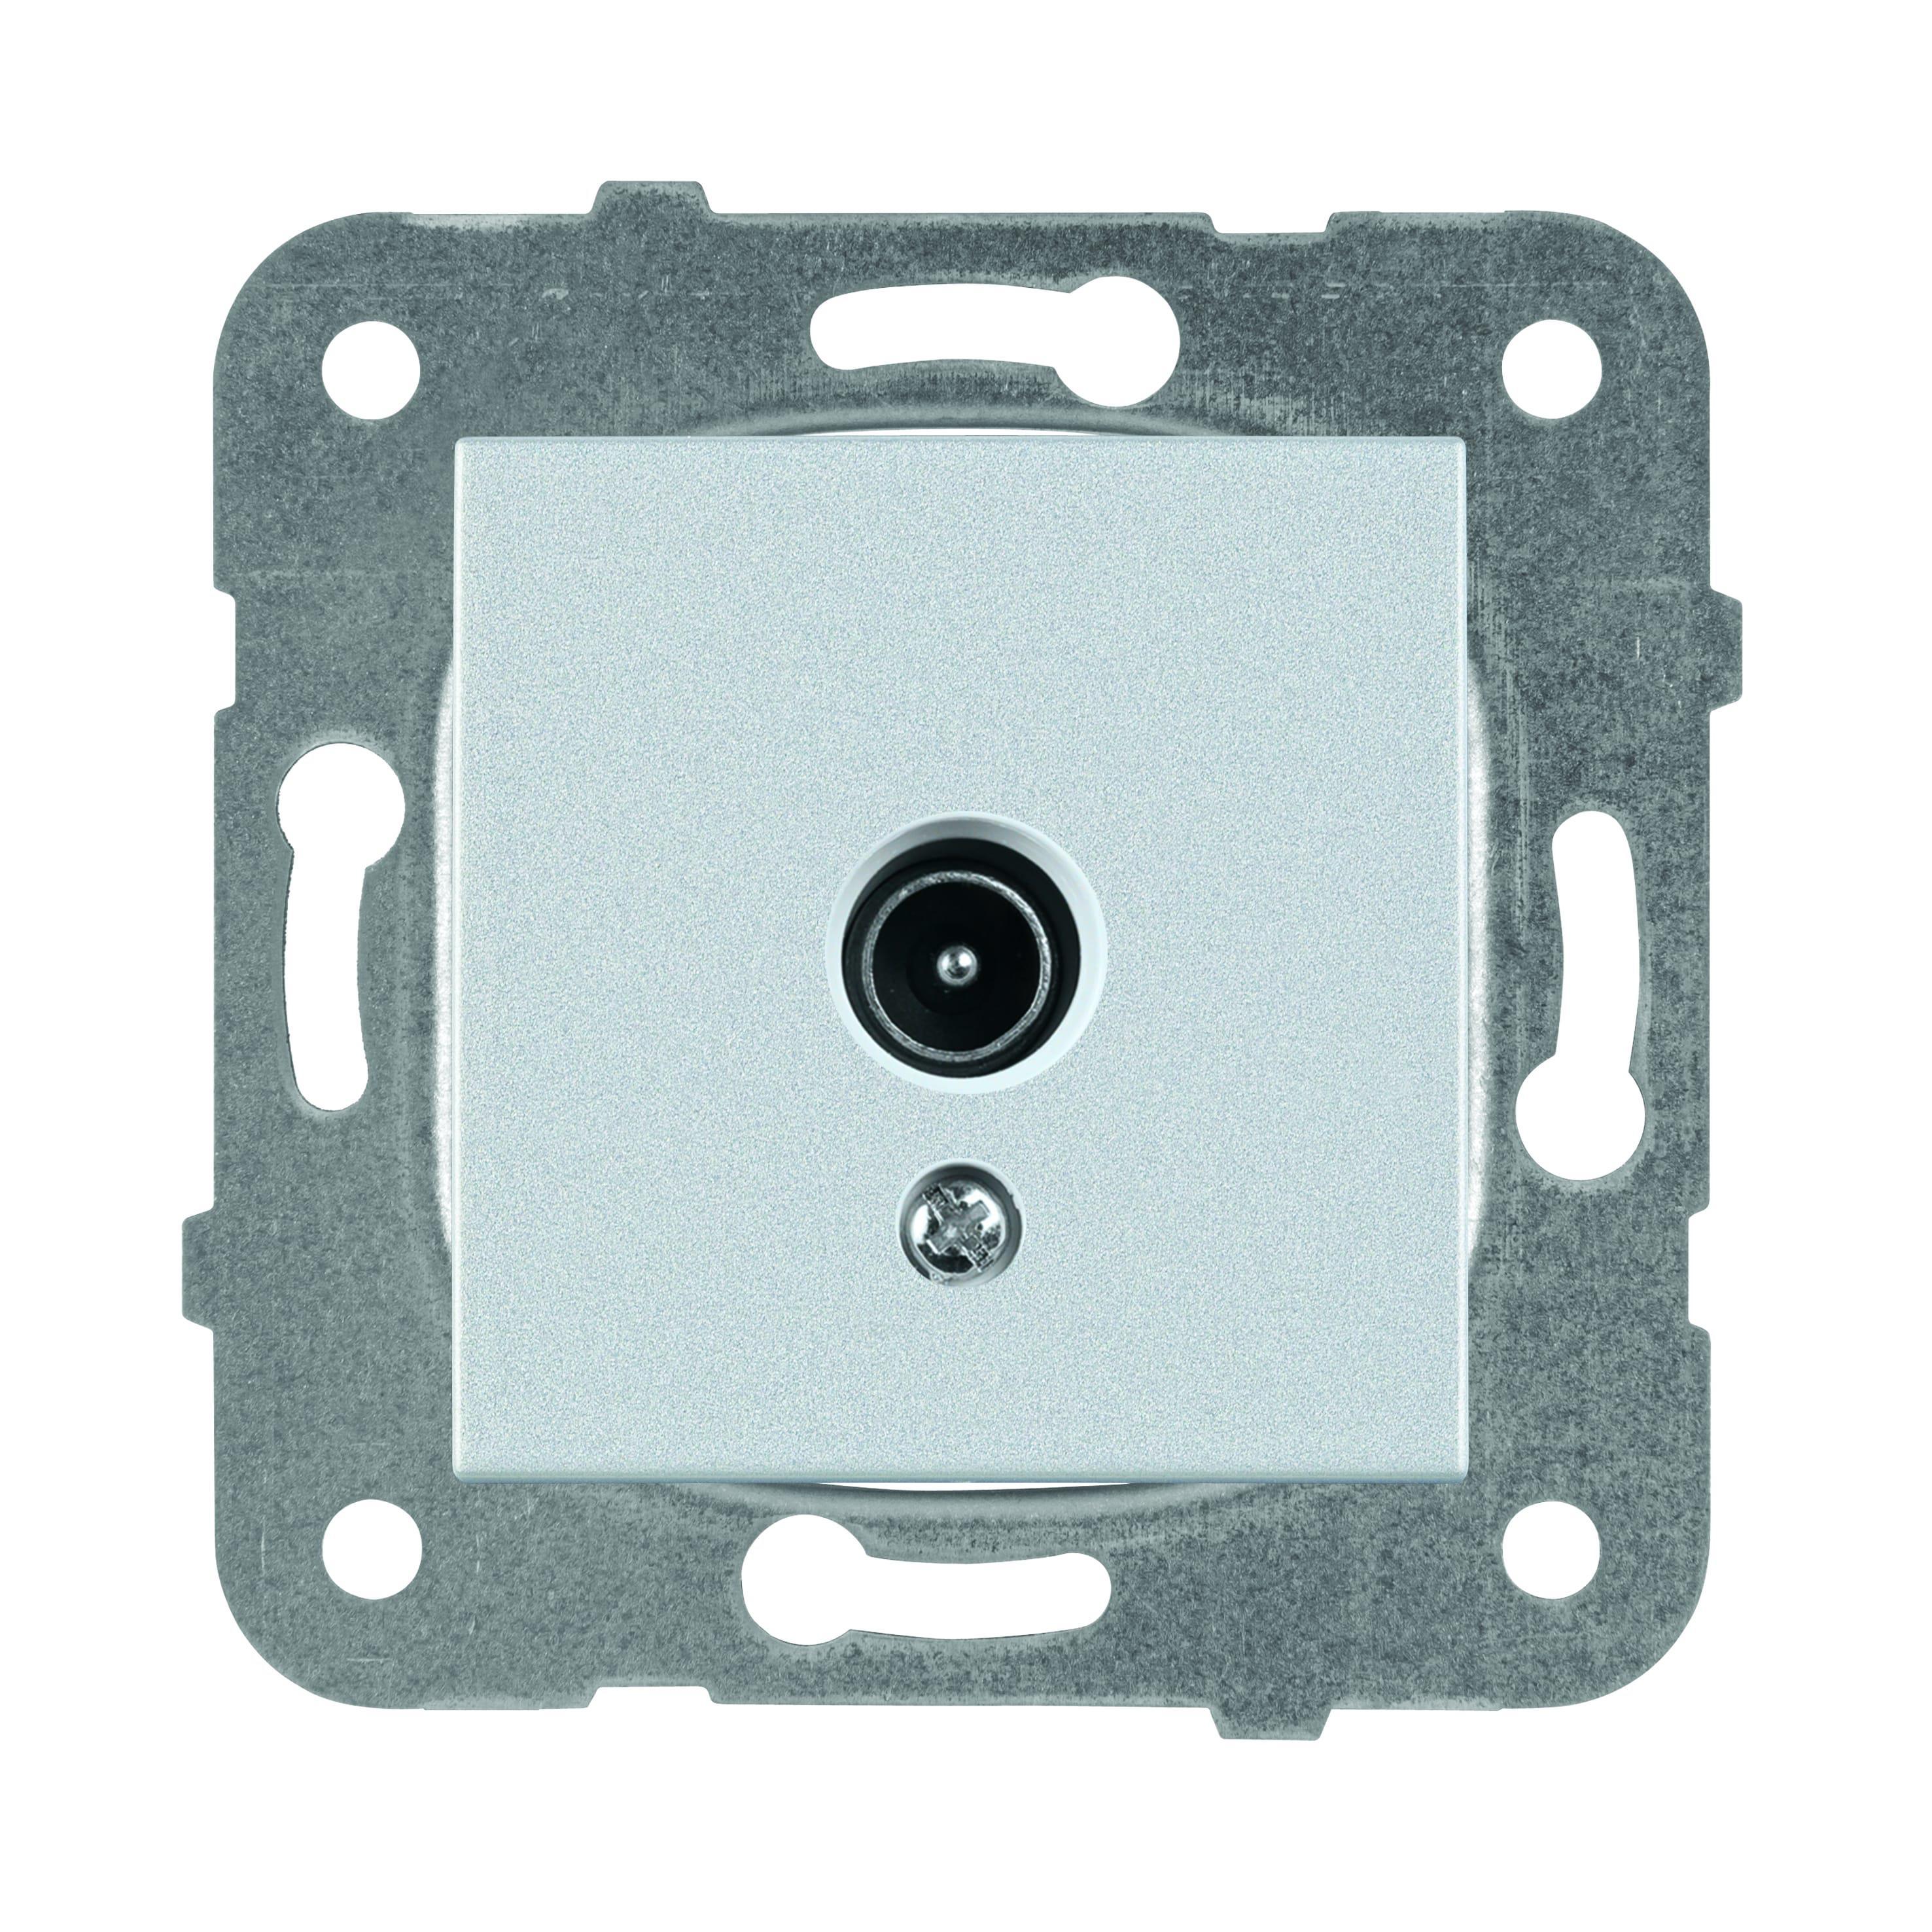 Купить Механизм розетки Panasonic Wktt0451-2sl-res karre plus